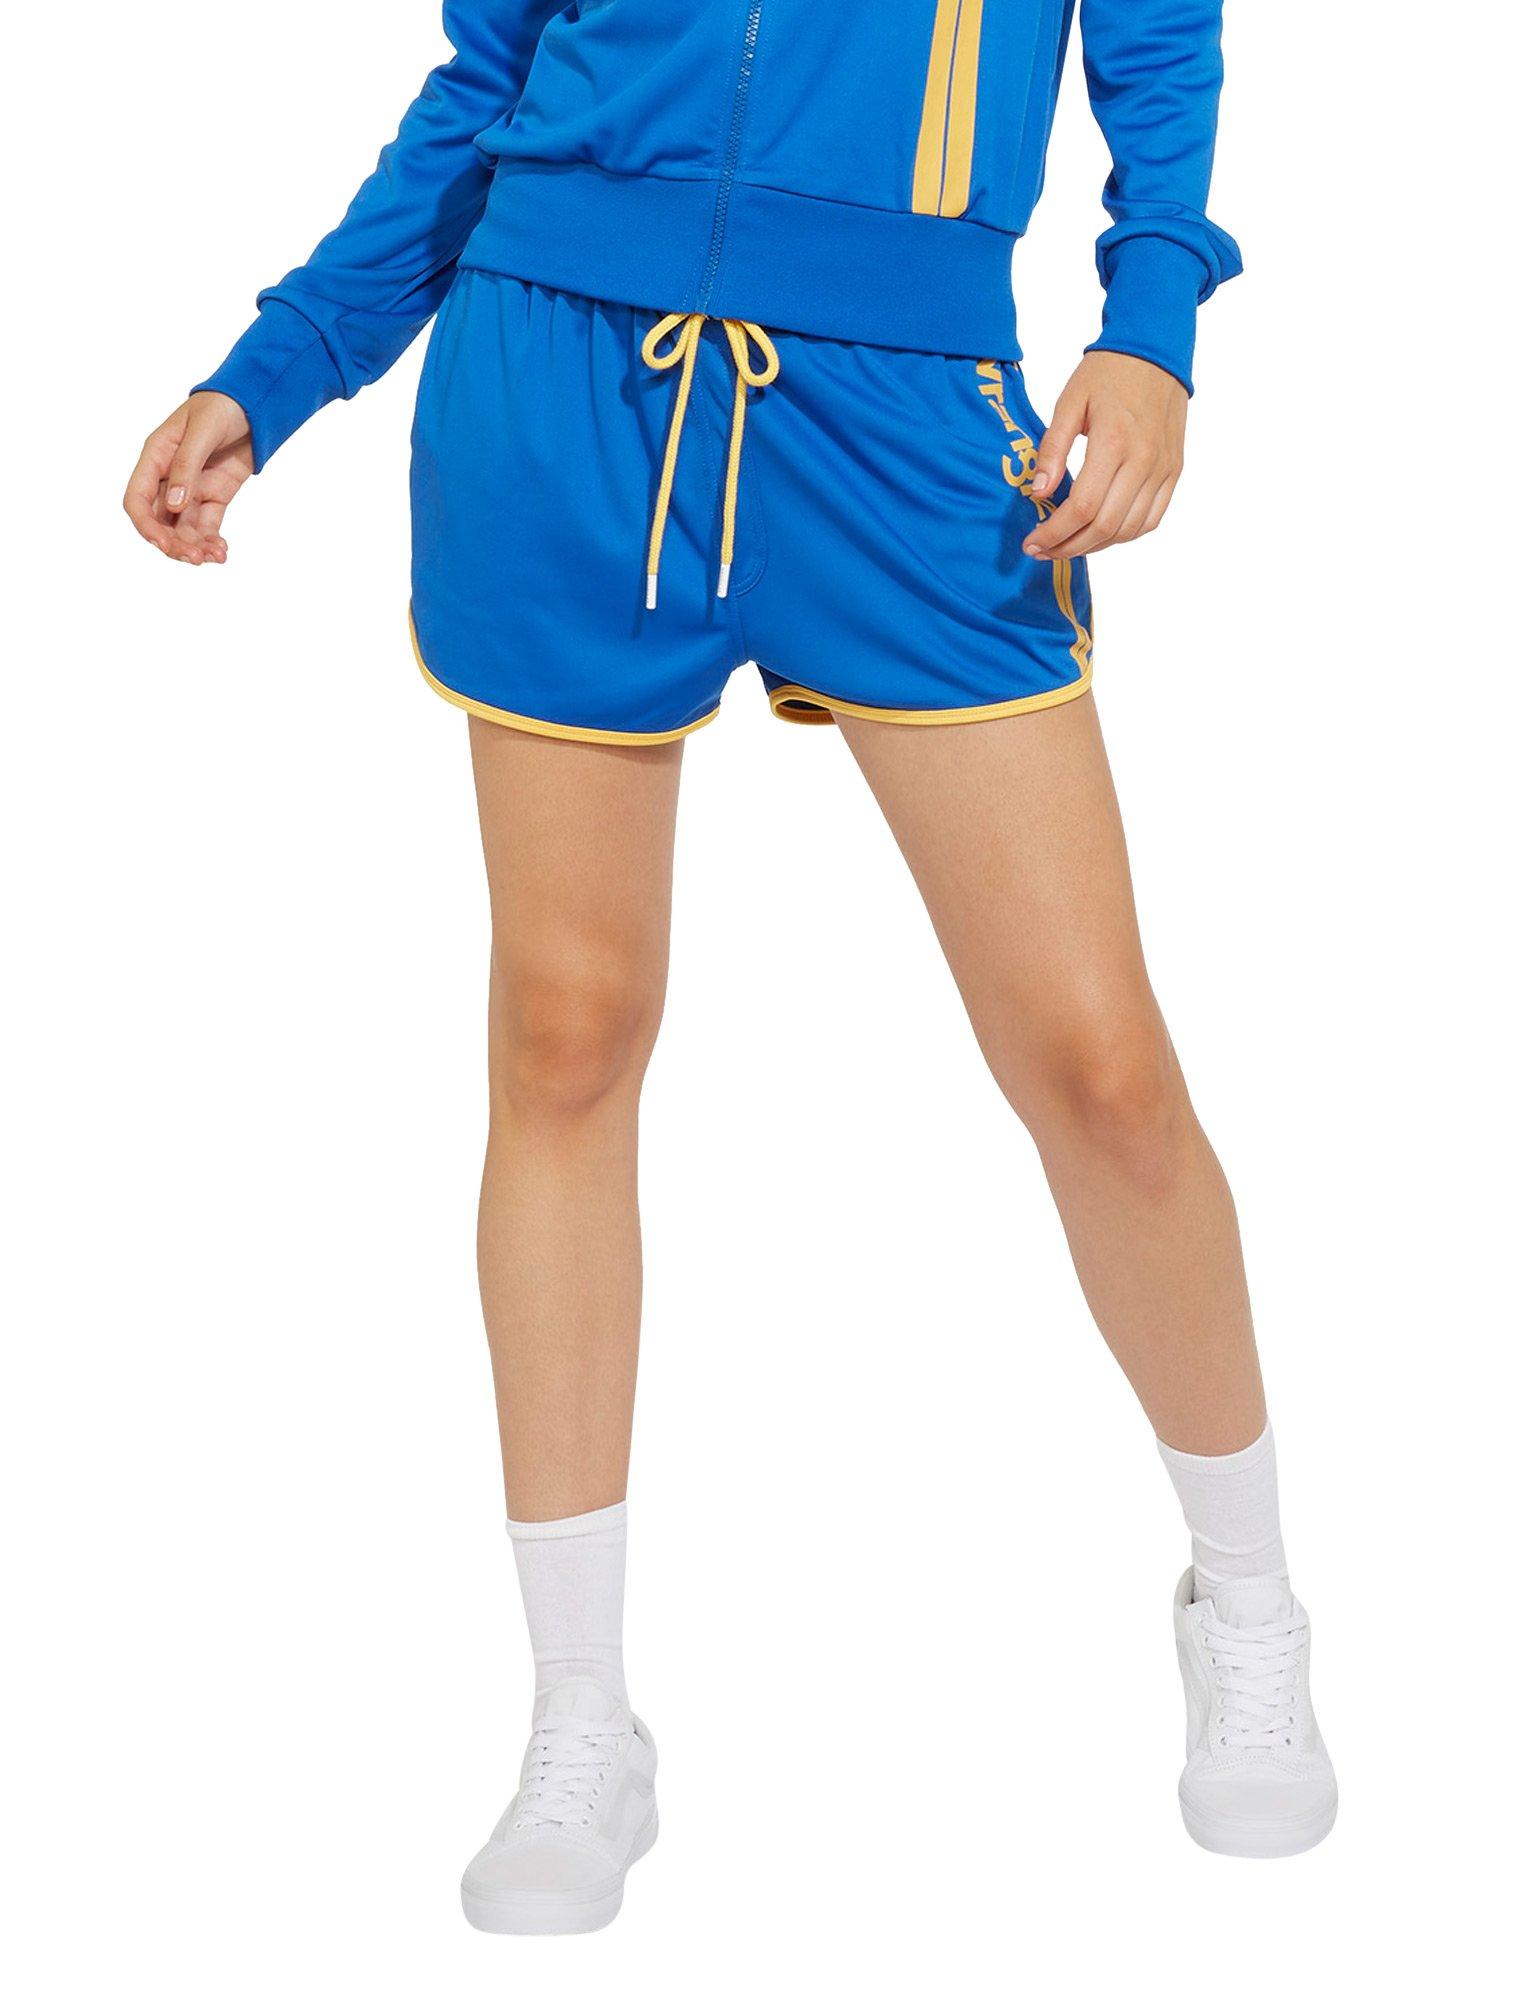 Wrangler Women's B&Y Women's Blue Shorts In Size S Blue